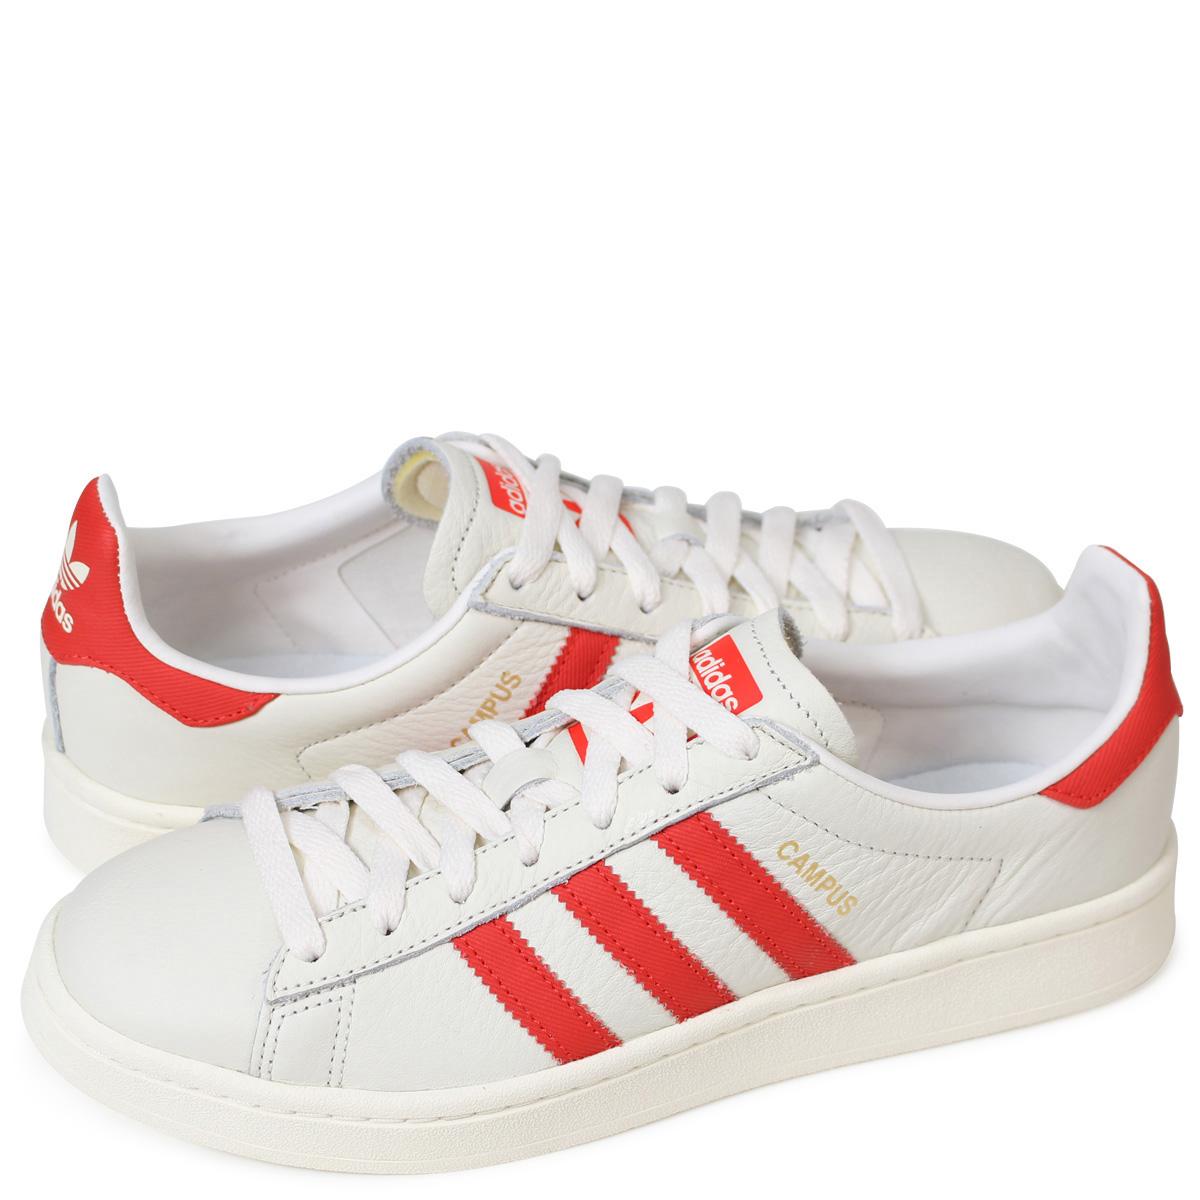 official photos 79dbf bbffc Adidas campus adidas Originals sneakers CAMPUS men gap Dis CQ2069 white  originals  4 19 ...